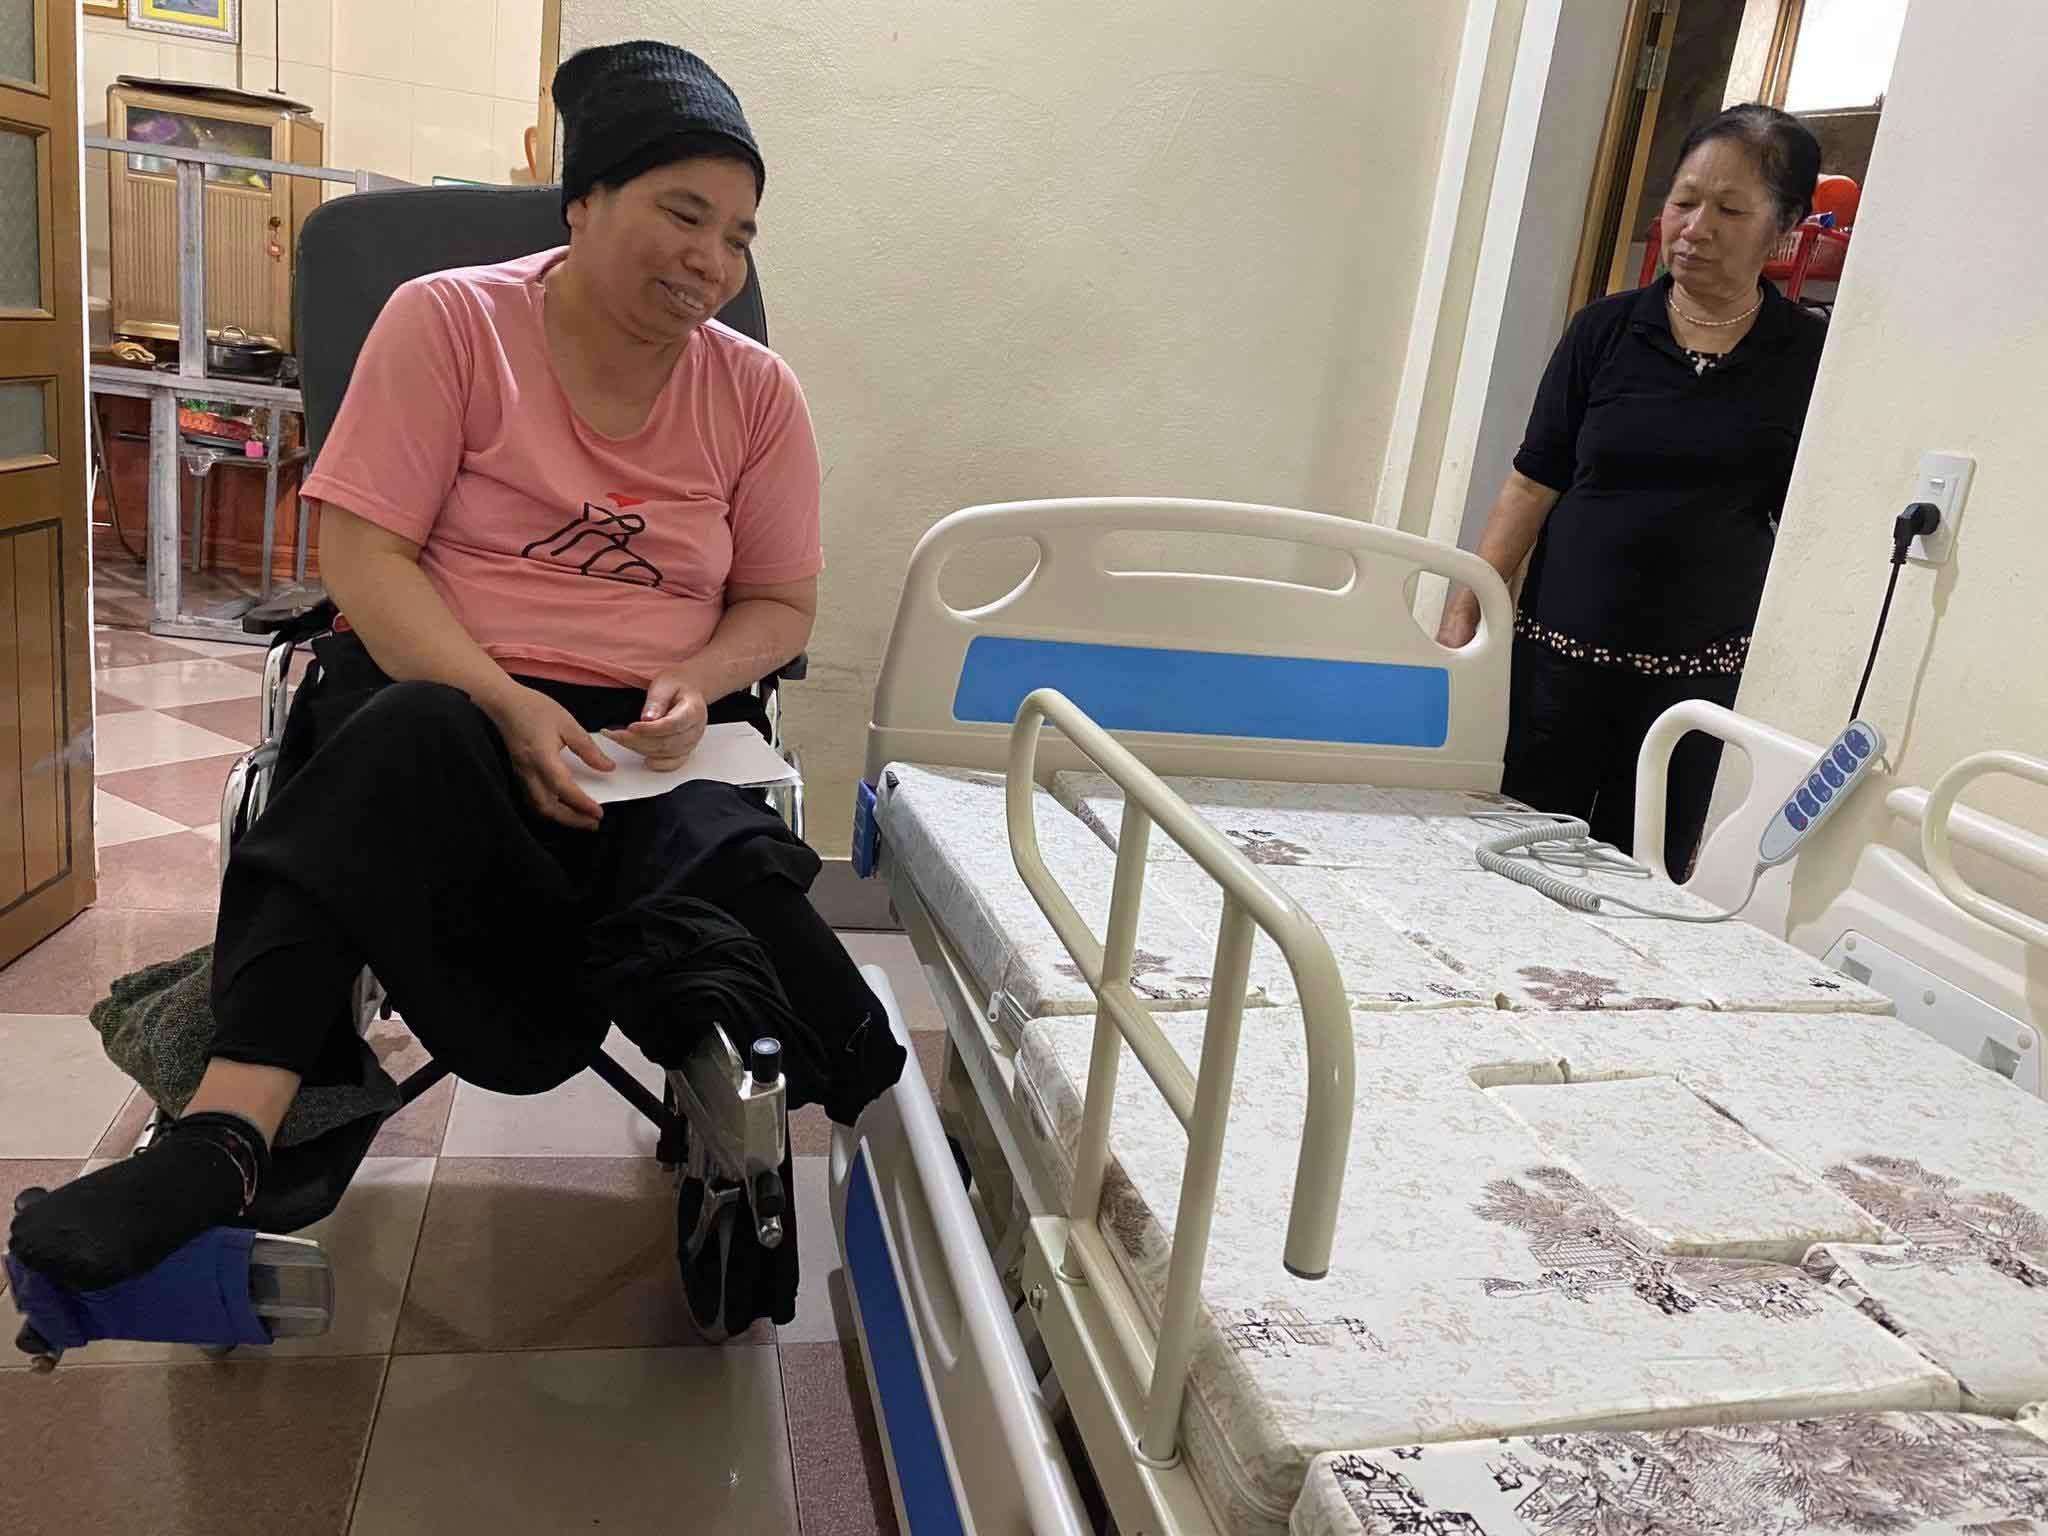 Cô giáo Hiền liệt nửa người được tặng chiếc giường y tế